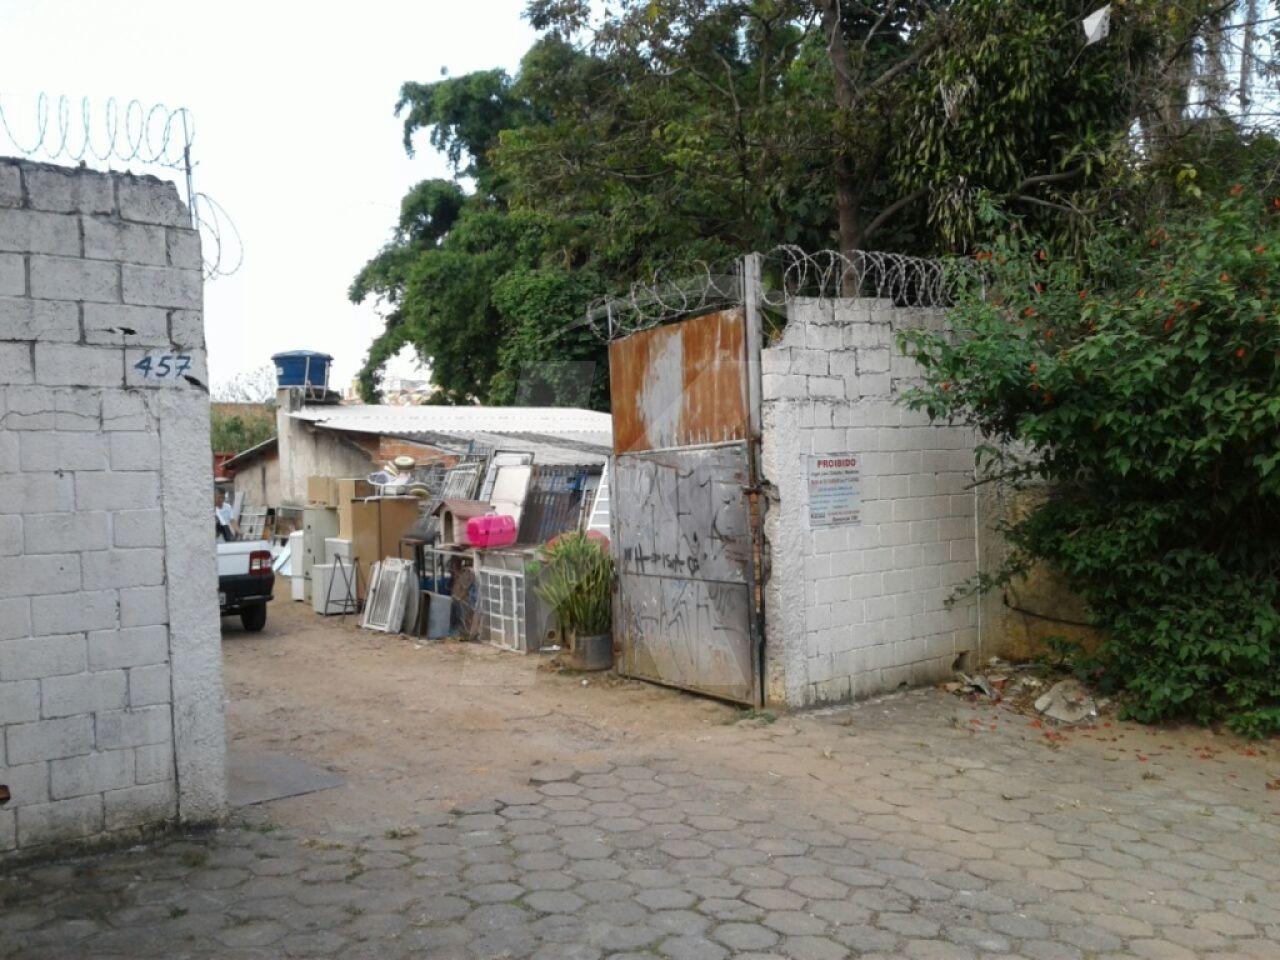 Comprar - Terreno - Vila Medeiros - 0 dormitórios.